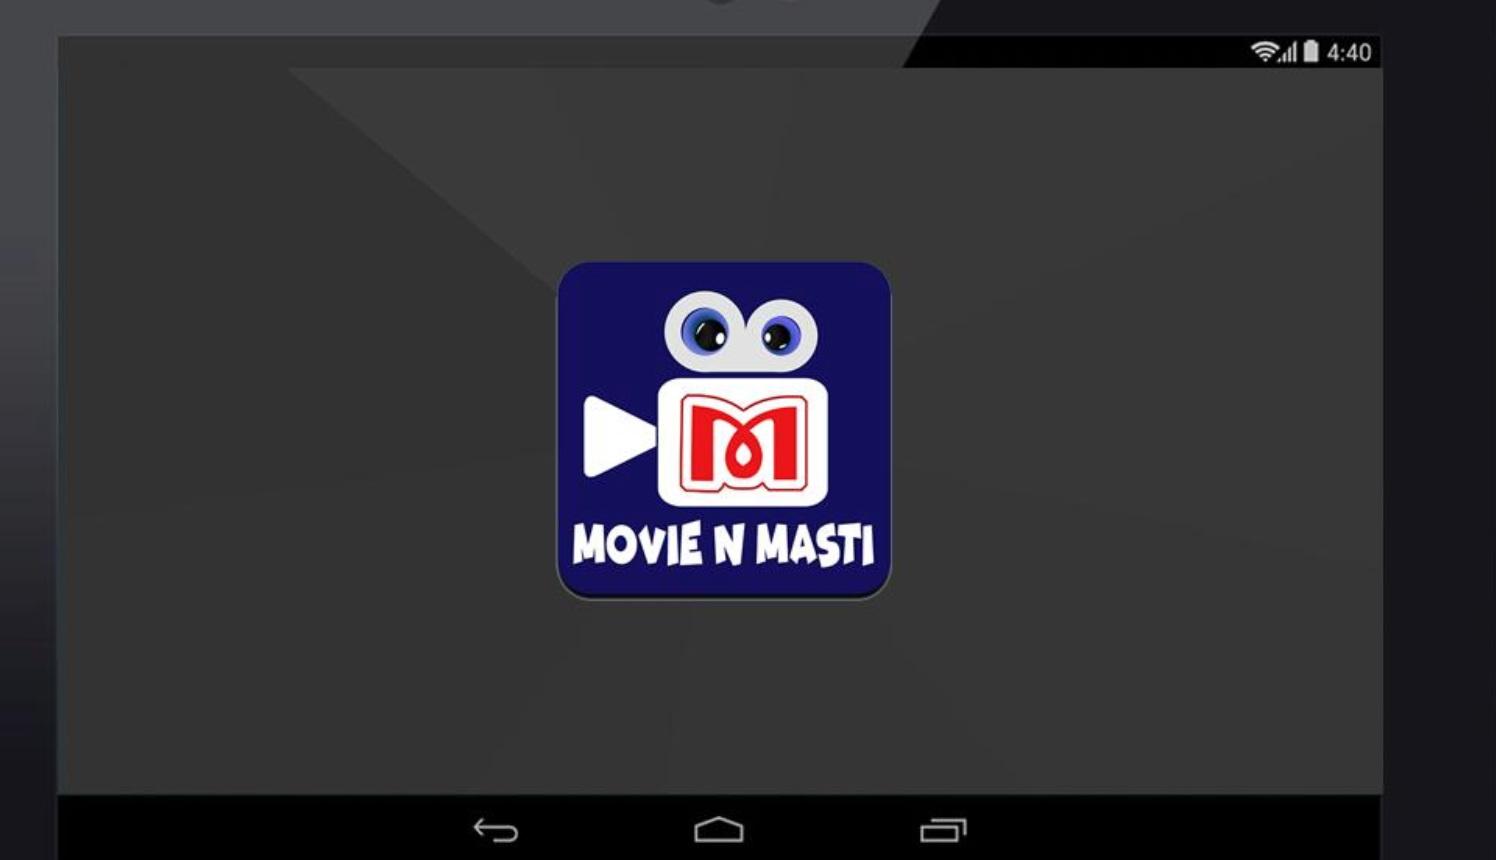 Movie-N-Masti